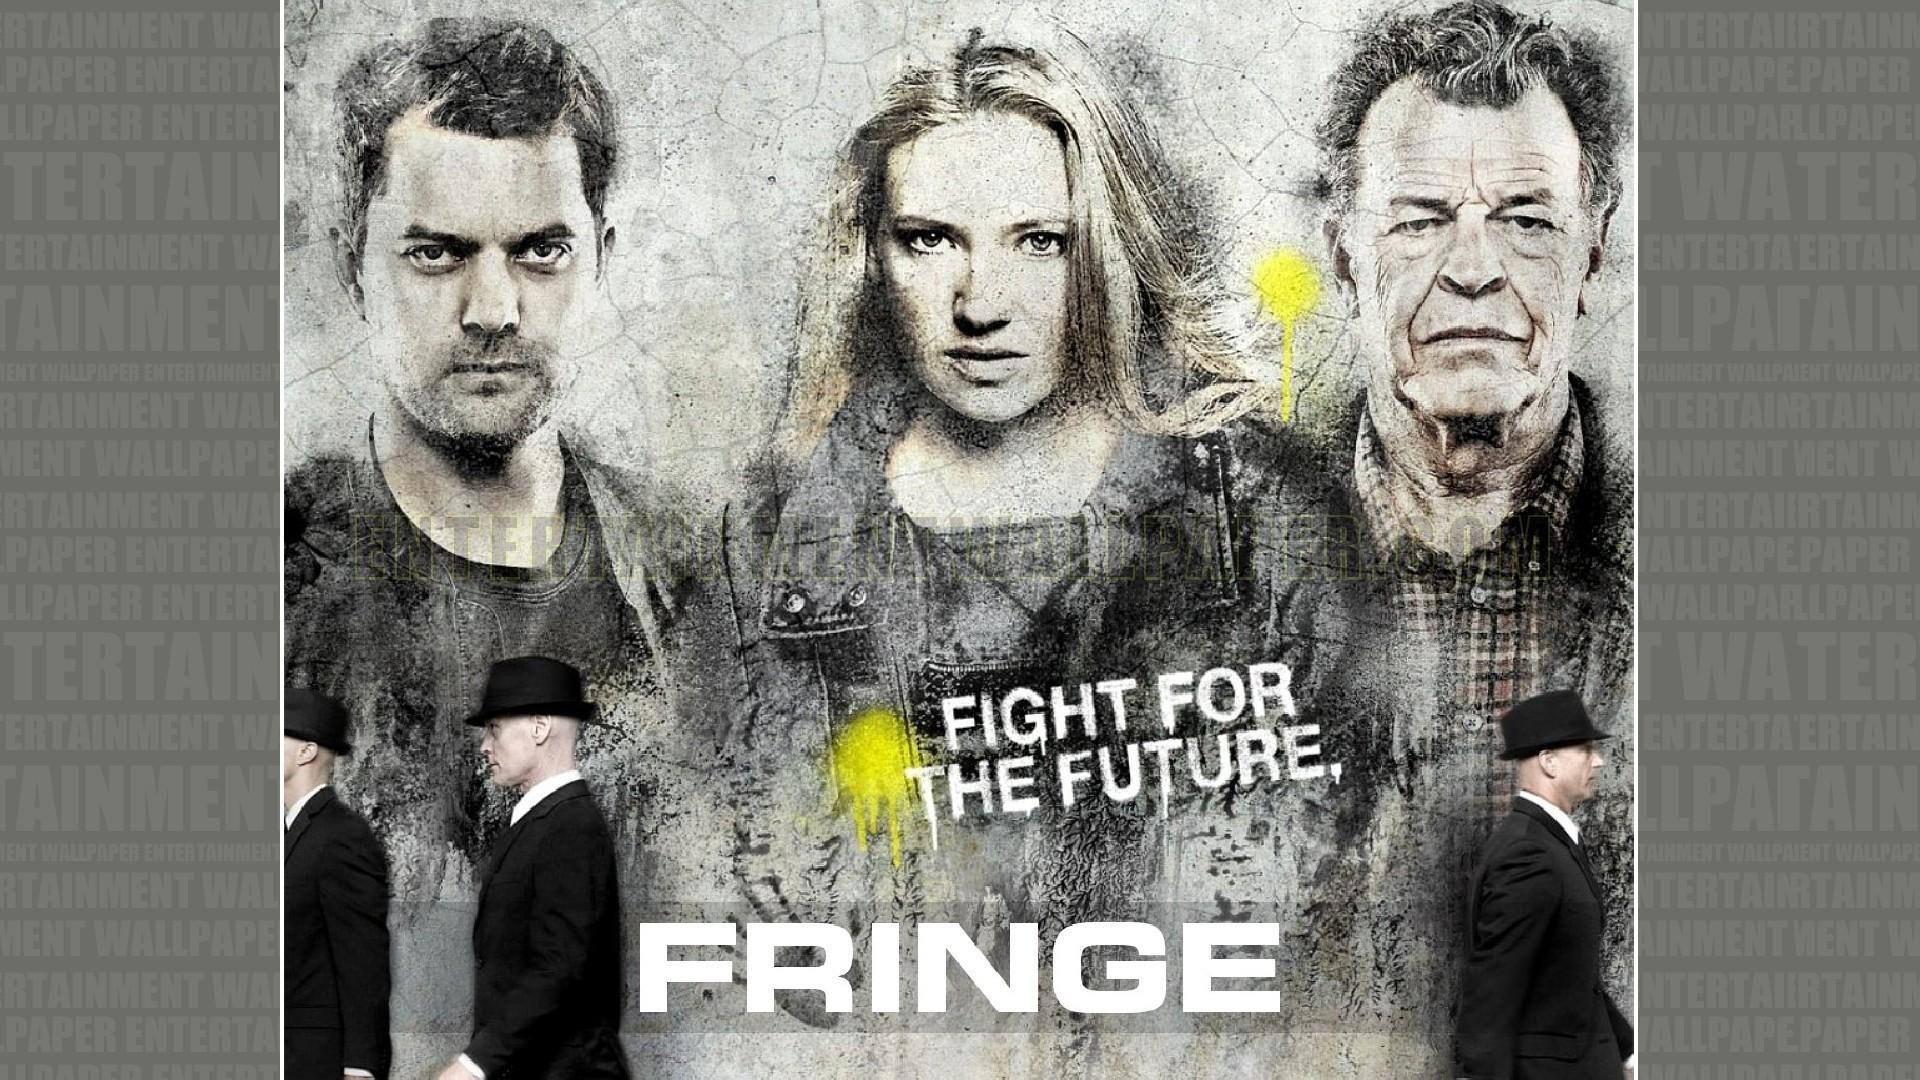 Fringe Wallpaper – Original size, download now.